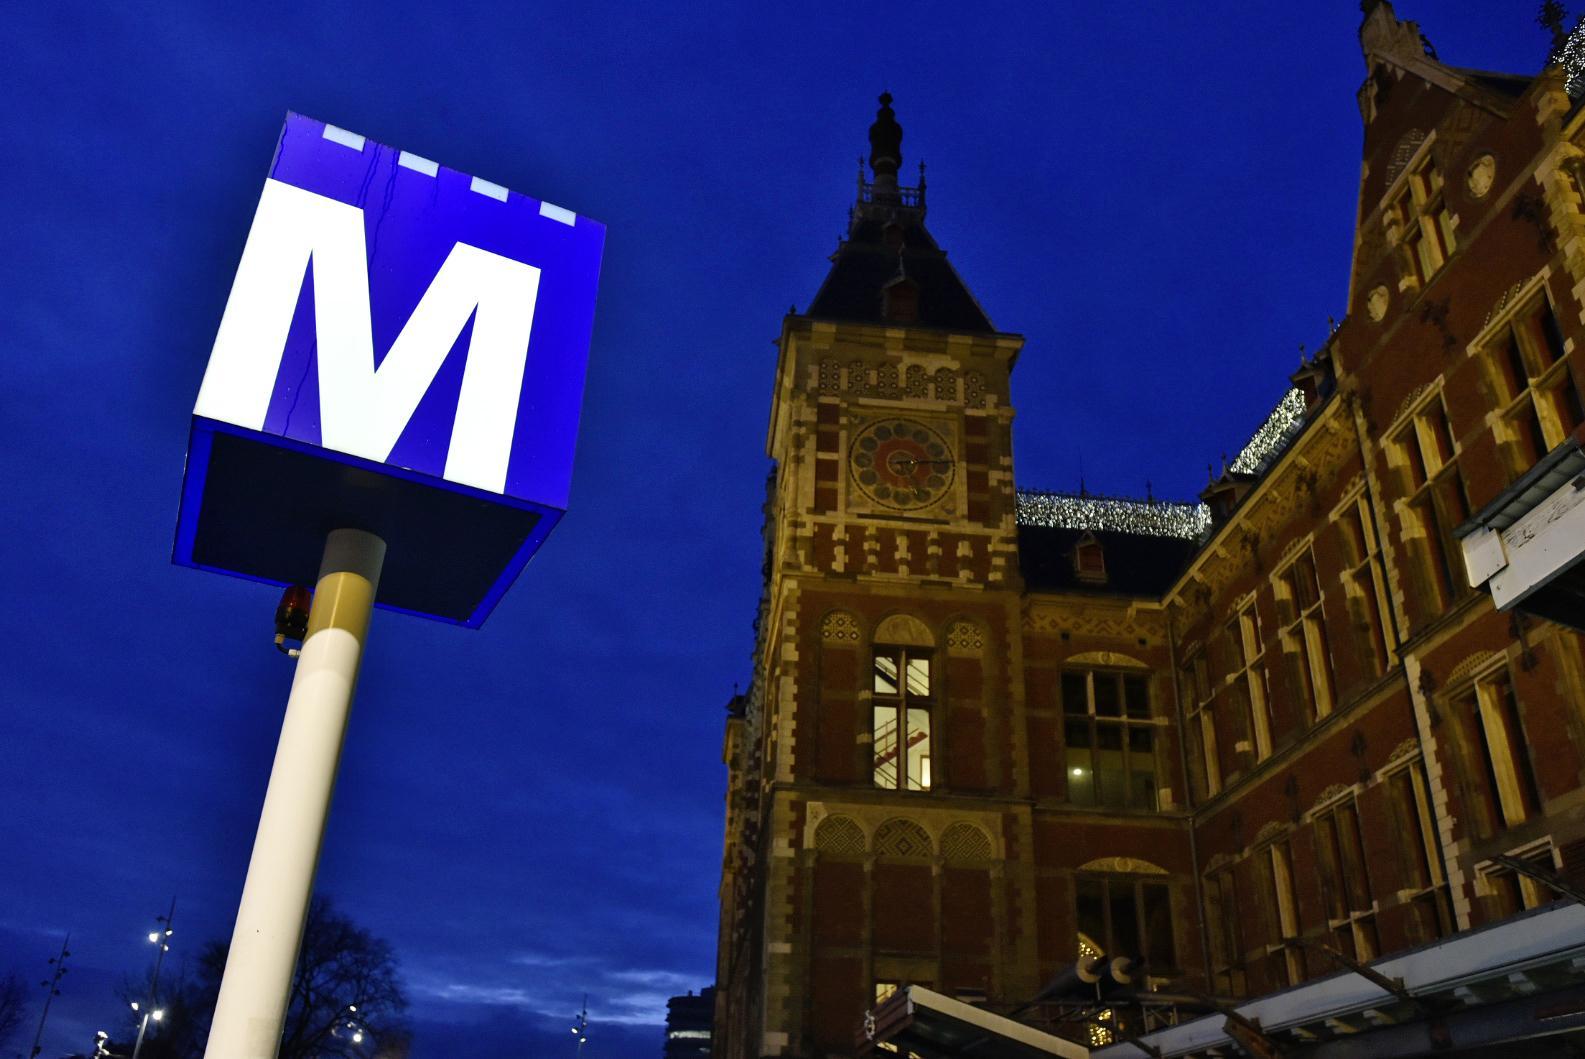 Dromen van een metrolijn naar'vergeten' dorpen in t Gooi (Column)